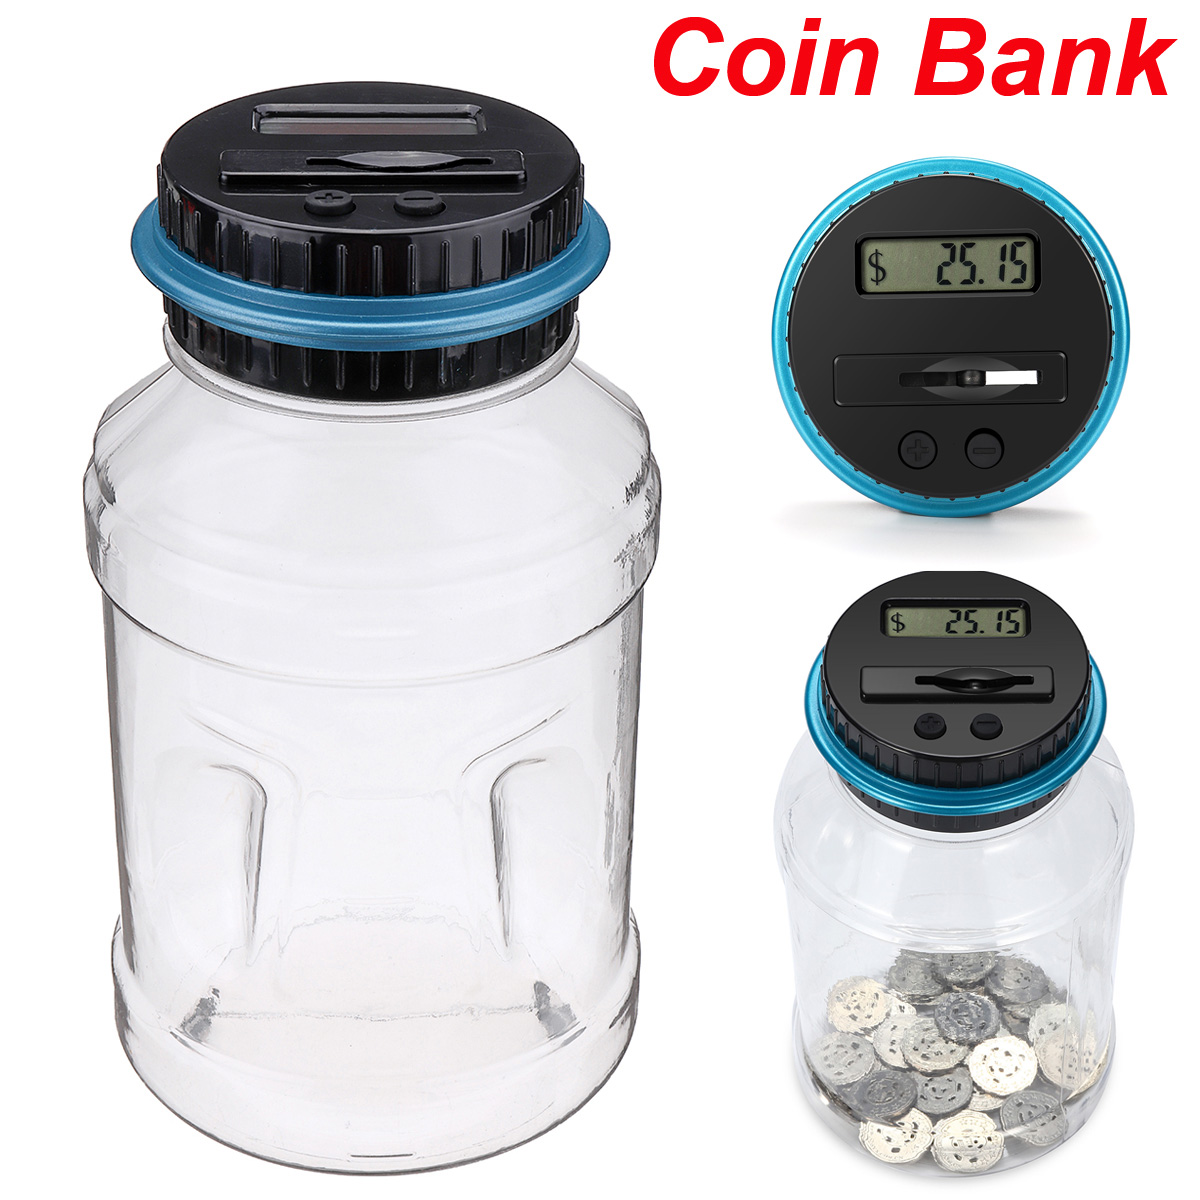 Comptage de monnaie Tirelire Numérique LCD Affichage Coin Tirelire Intelligente Électronique Coin Économie De Stockage Boîte De Collecte pour les AUD D'argent